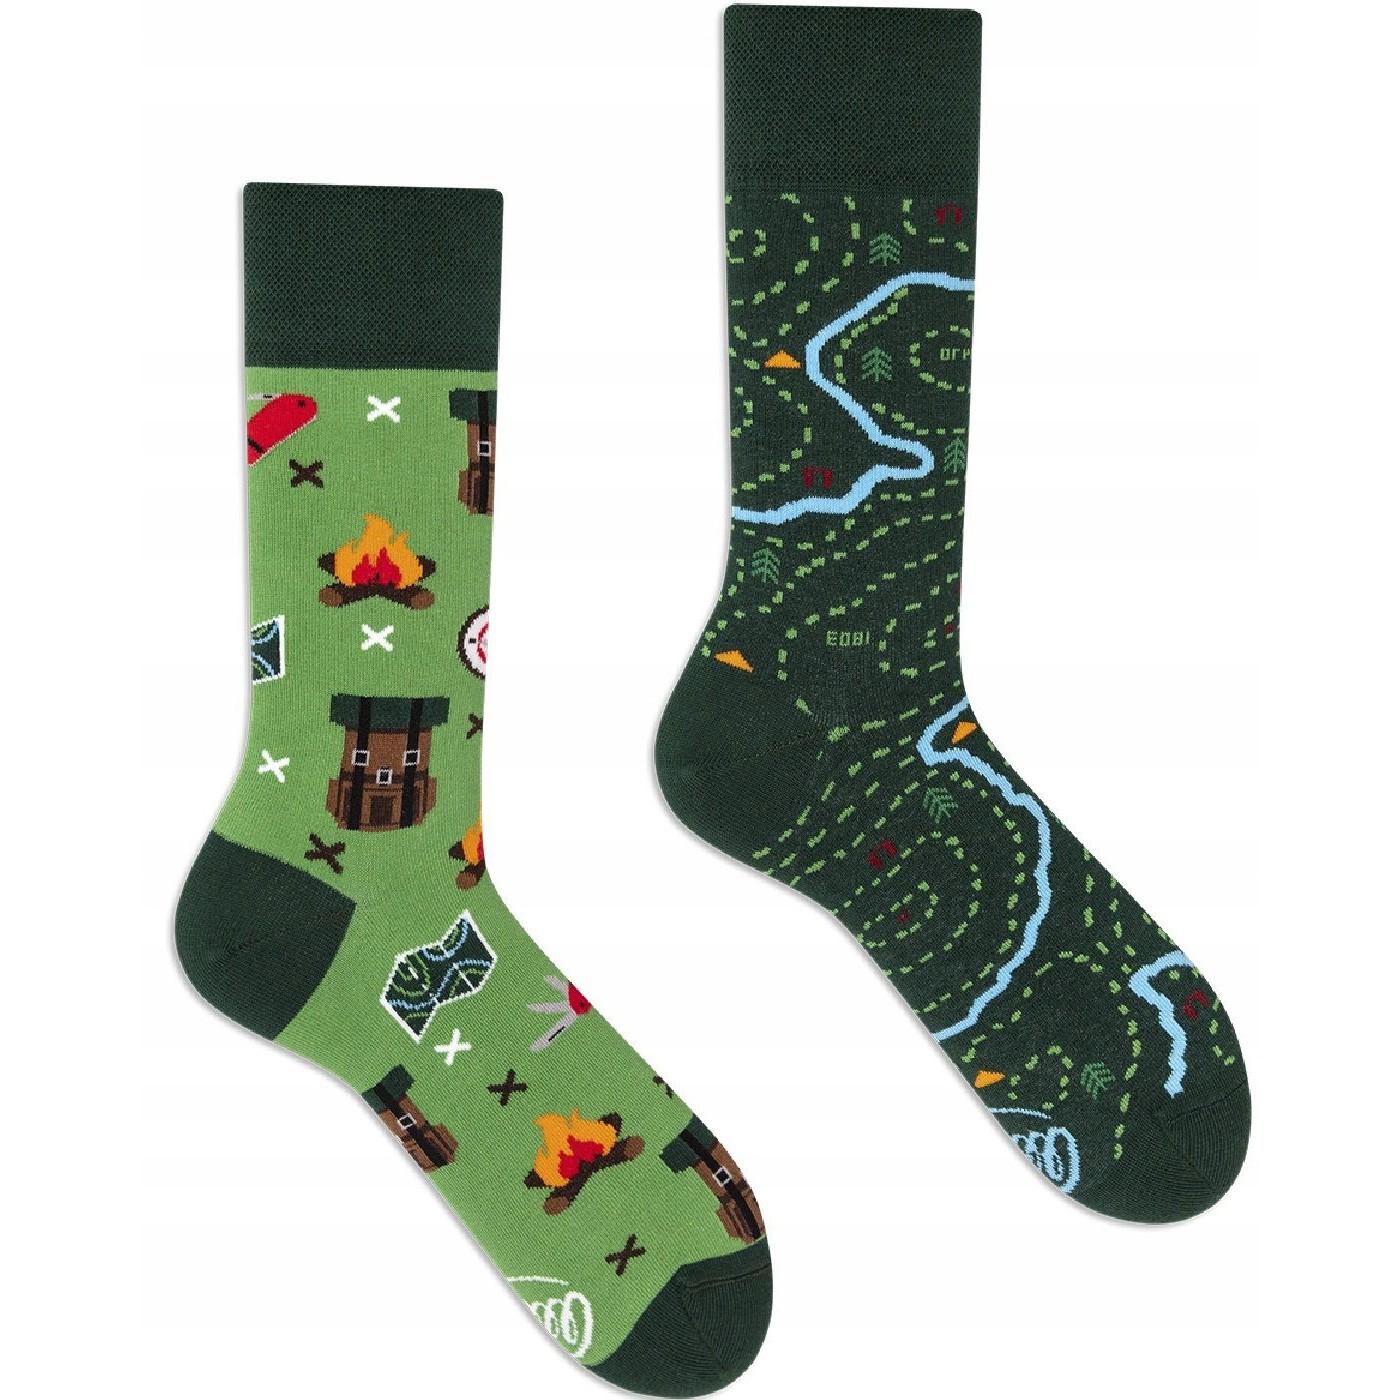 Barevné ponožky MAP mapa navigace turistika 39-42 megamix.shop